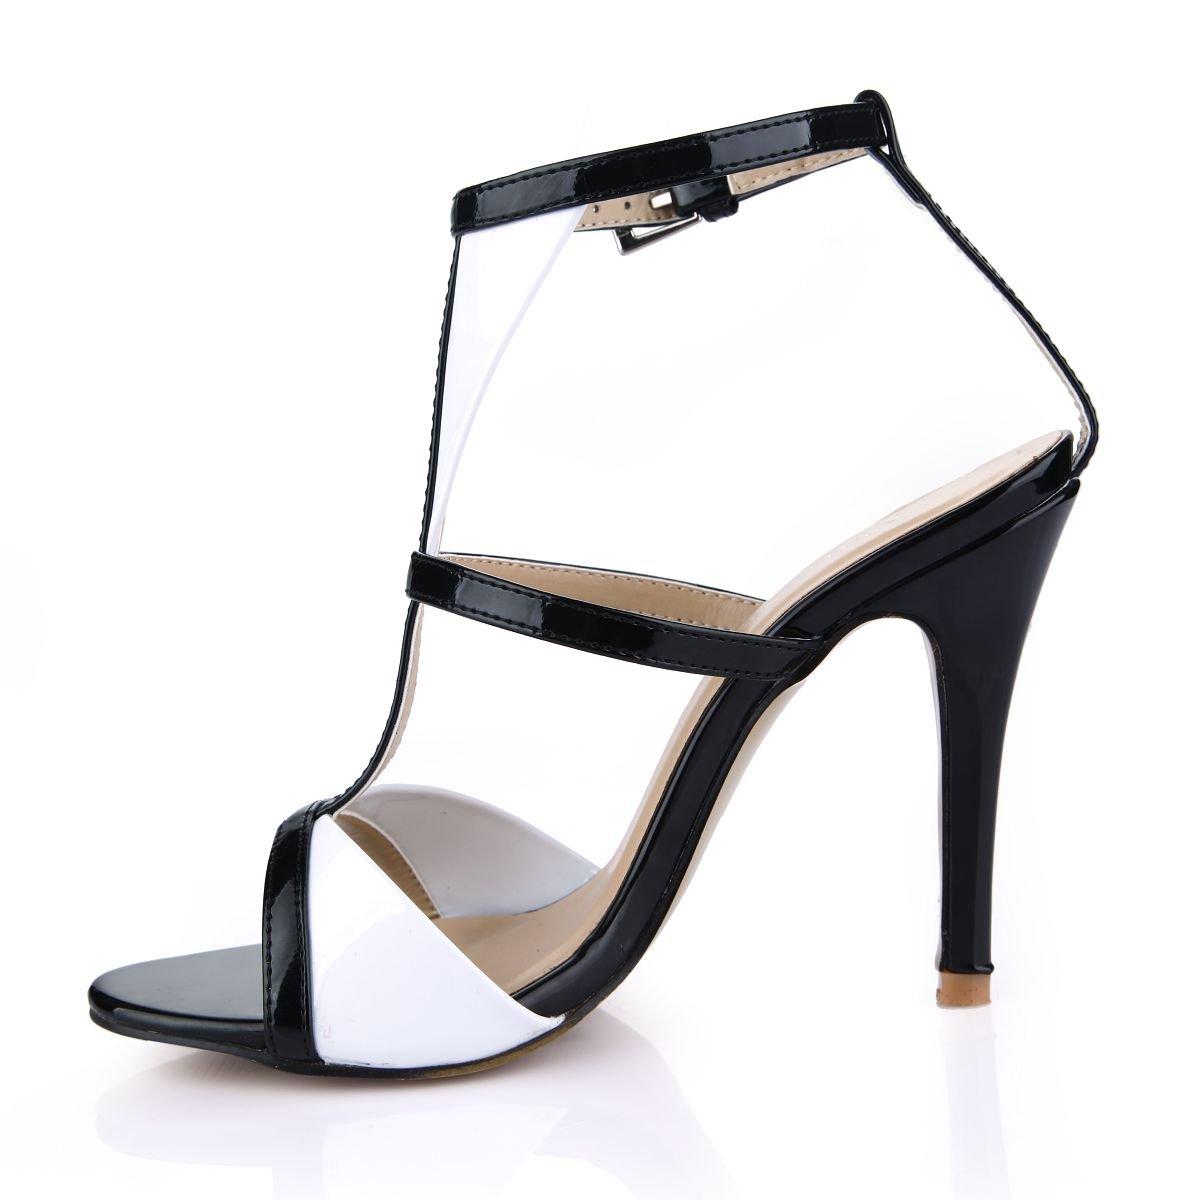 Sandalen weiblichen neue Sommer Produkte jährliche Konferenz und großen Veranstaltungsräume Fisch tipp Frauen Schuhe mit großen und schwarzen T-Code der die high-heel Schuhe schwarz + Weiß 616503